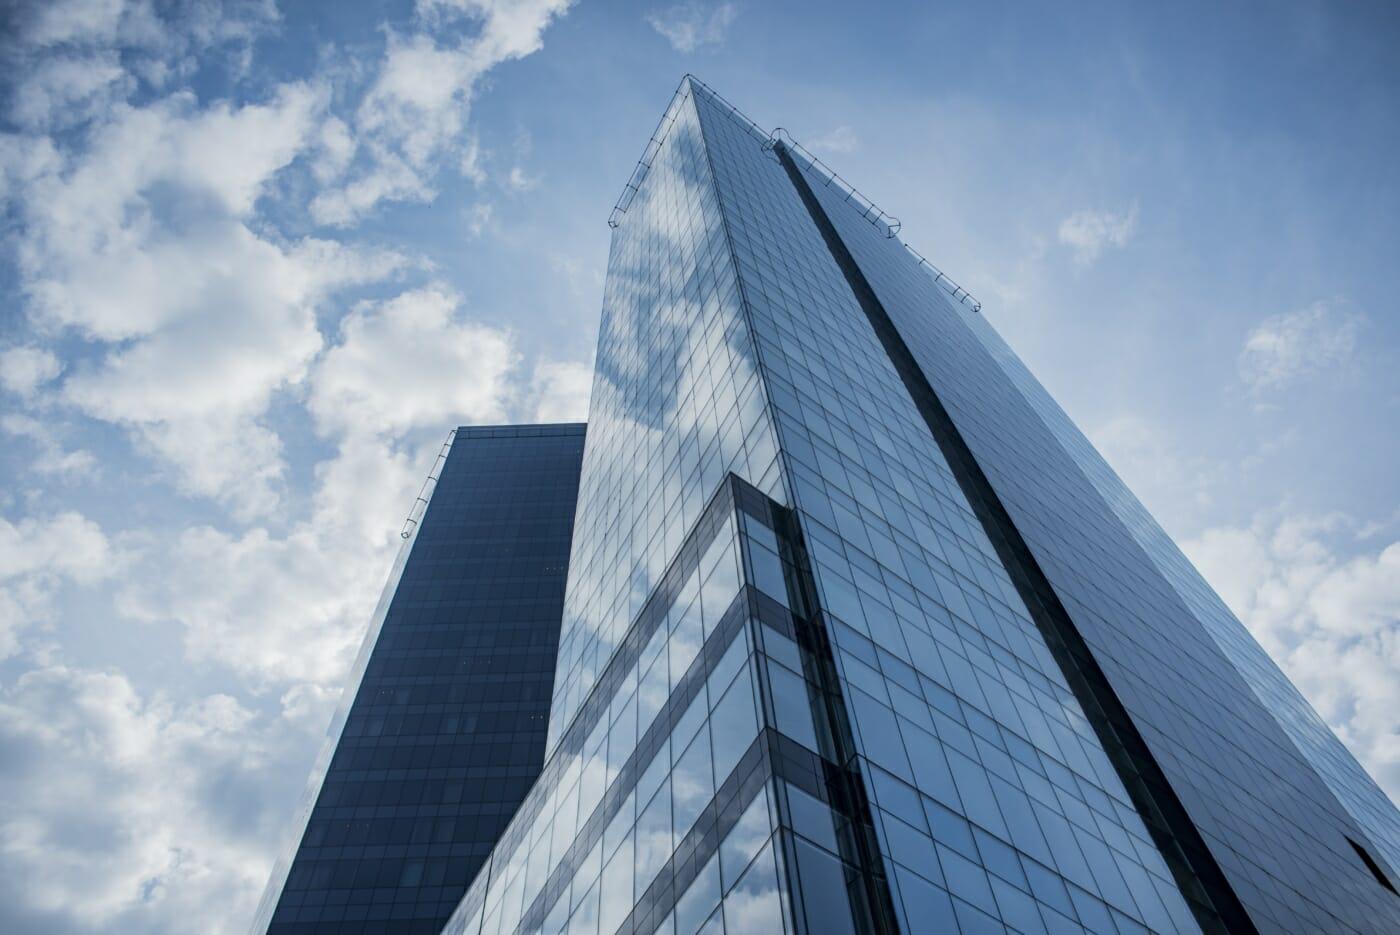 cloud_buildings_2